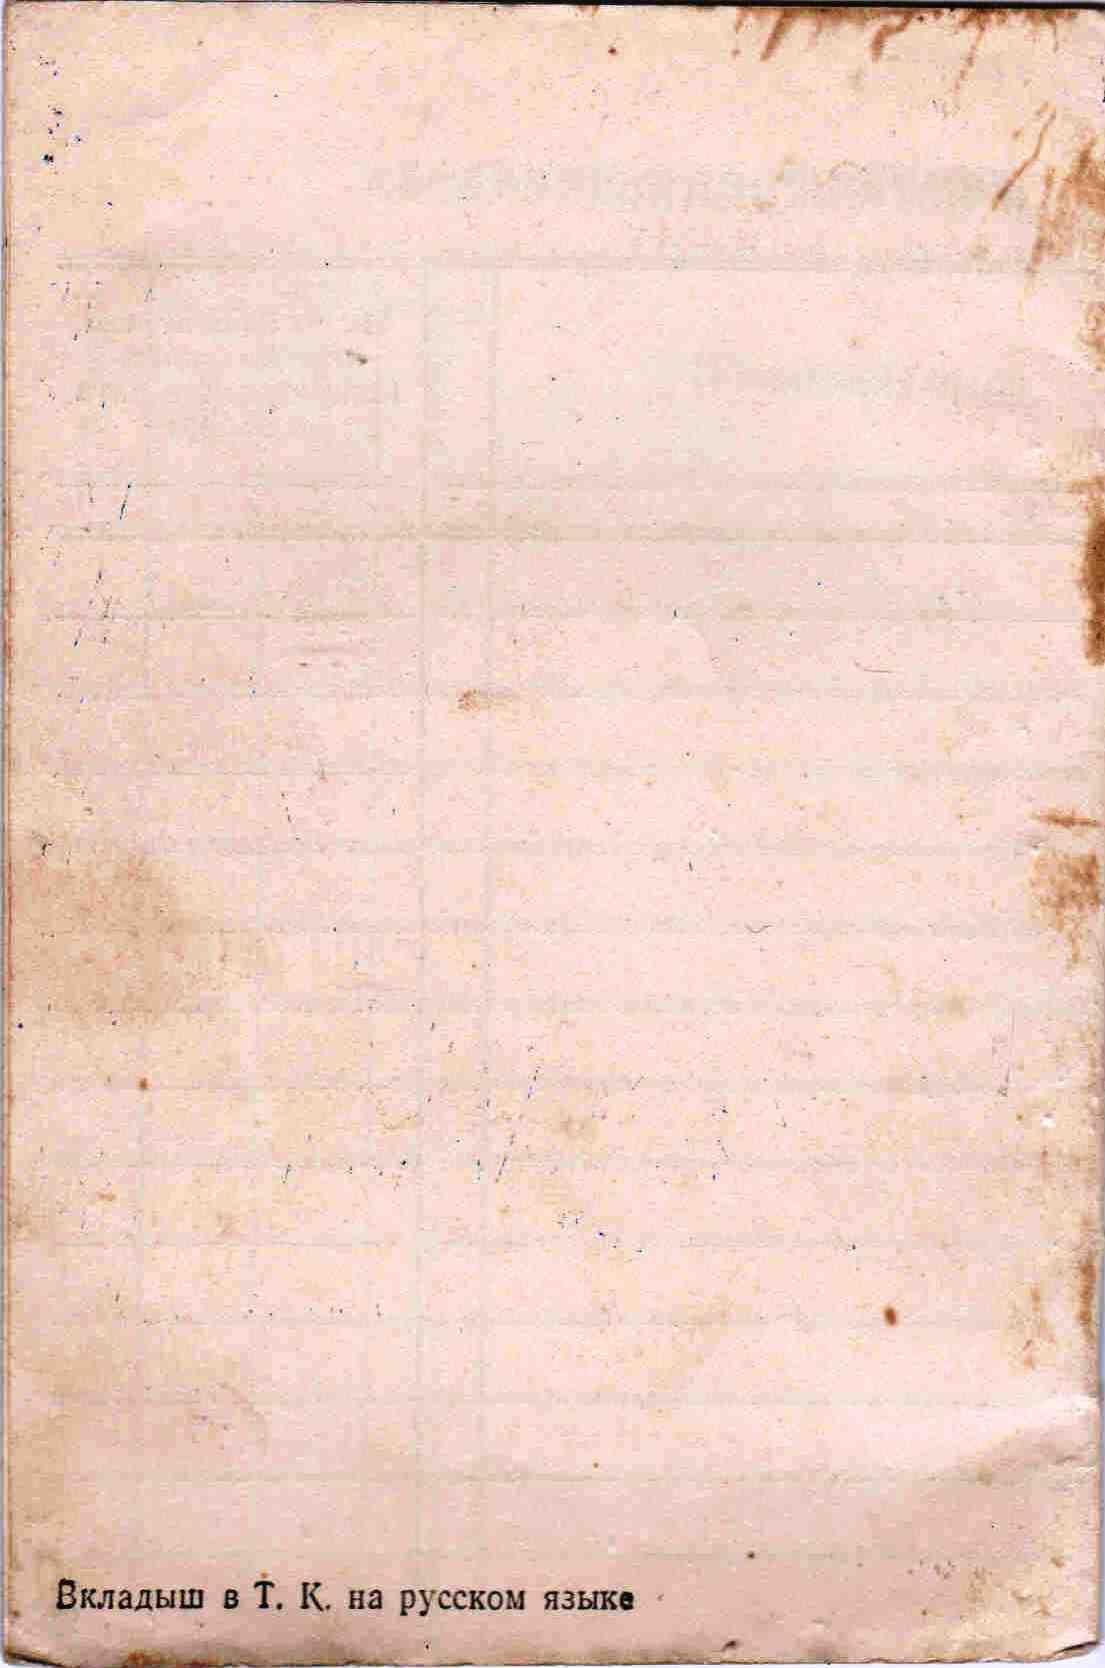 12. Трудовая книжка, 1954г.